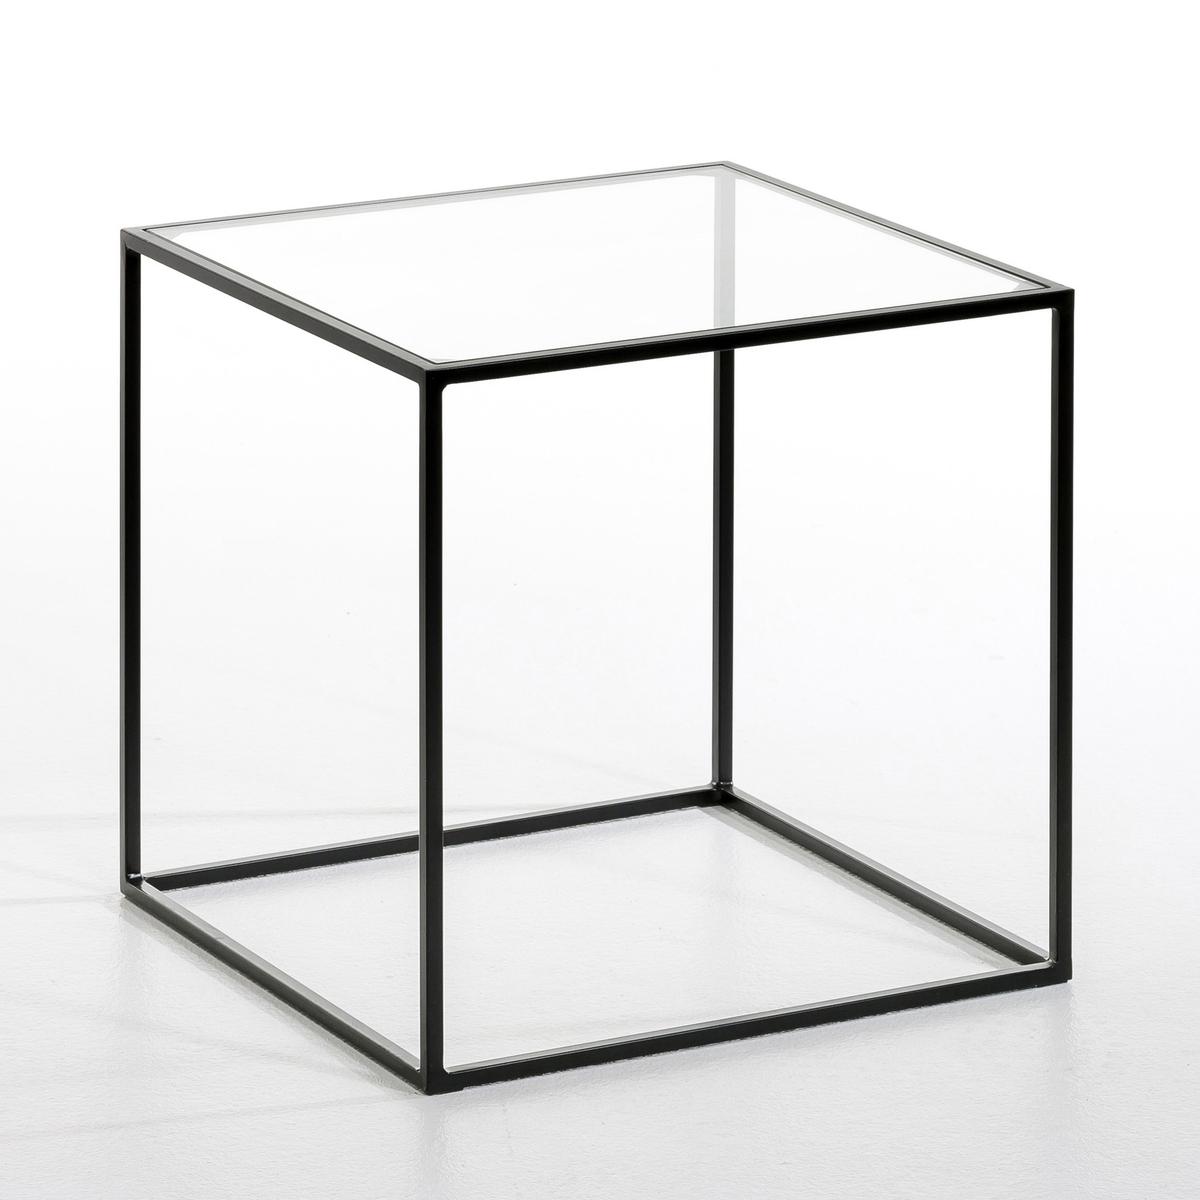 Столик диванный Sybil, столешница из стекла или белаяХарактеристики :- Ножки из тонкой металлической трубки - Столешница из прозрачного стекла или белой шелкографии. Размеры :- Ш.40 x В.40 x Г.40 см. Размеры и вес упаковки :- Ш.46,5 x В.47,2 x Г.45,5 см, 5,7 кг.<br><br>Цвет: стеклянный прозрачный<br>Размер: единый размер